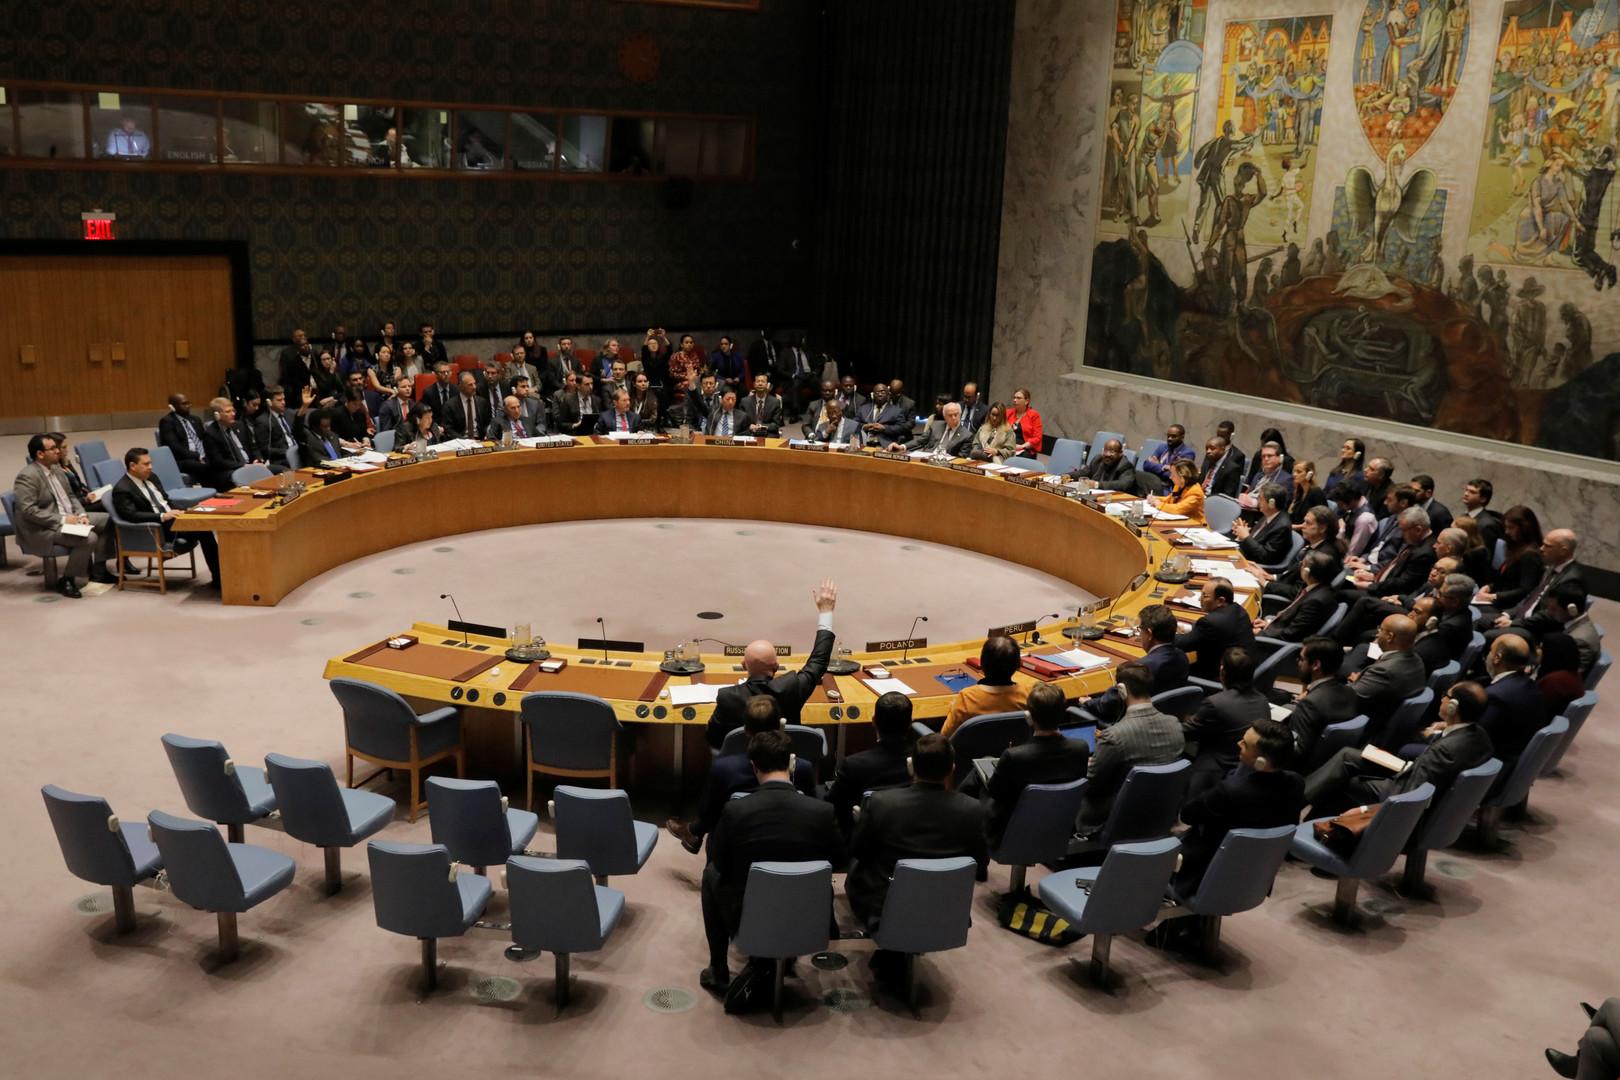 واشنطن تطلب جلسة مغلقة لمجلس الأمن لبحث استهداف الناقلتين في الخليج